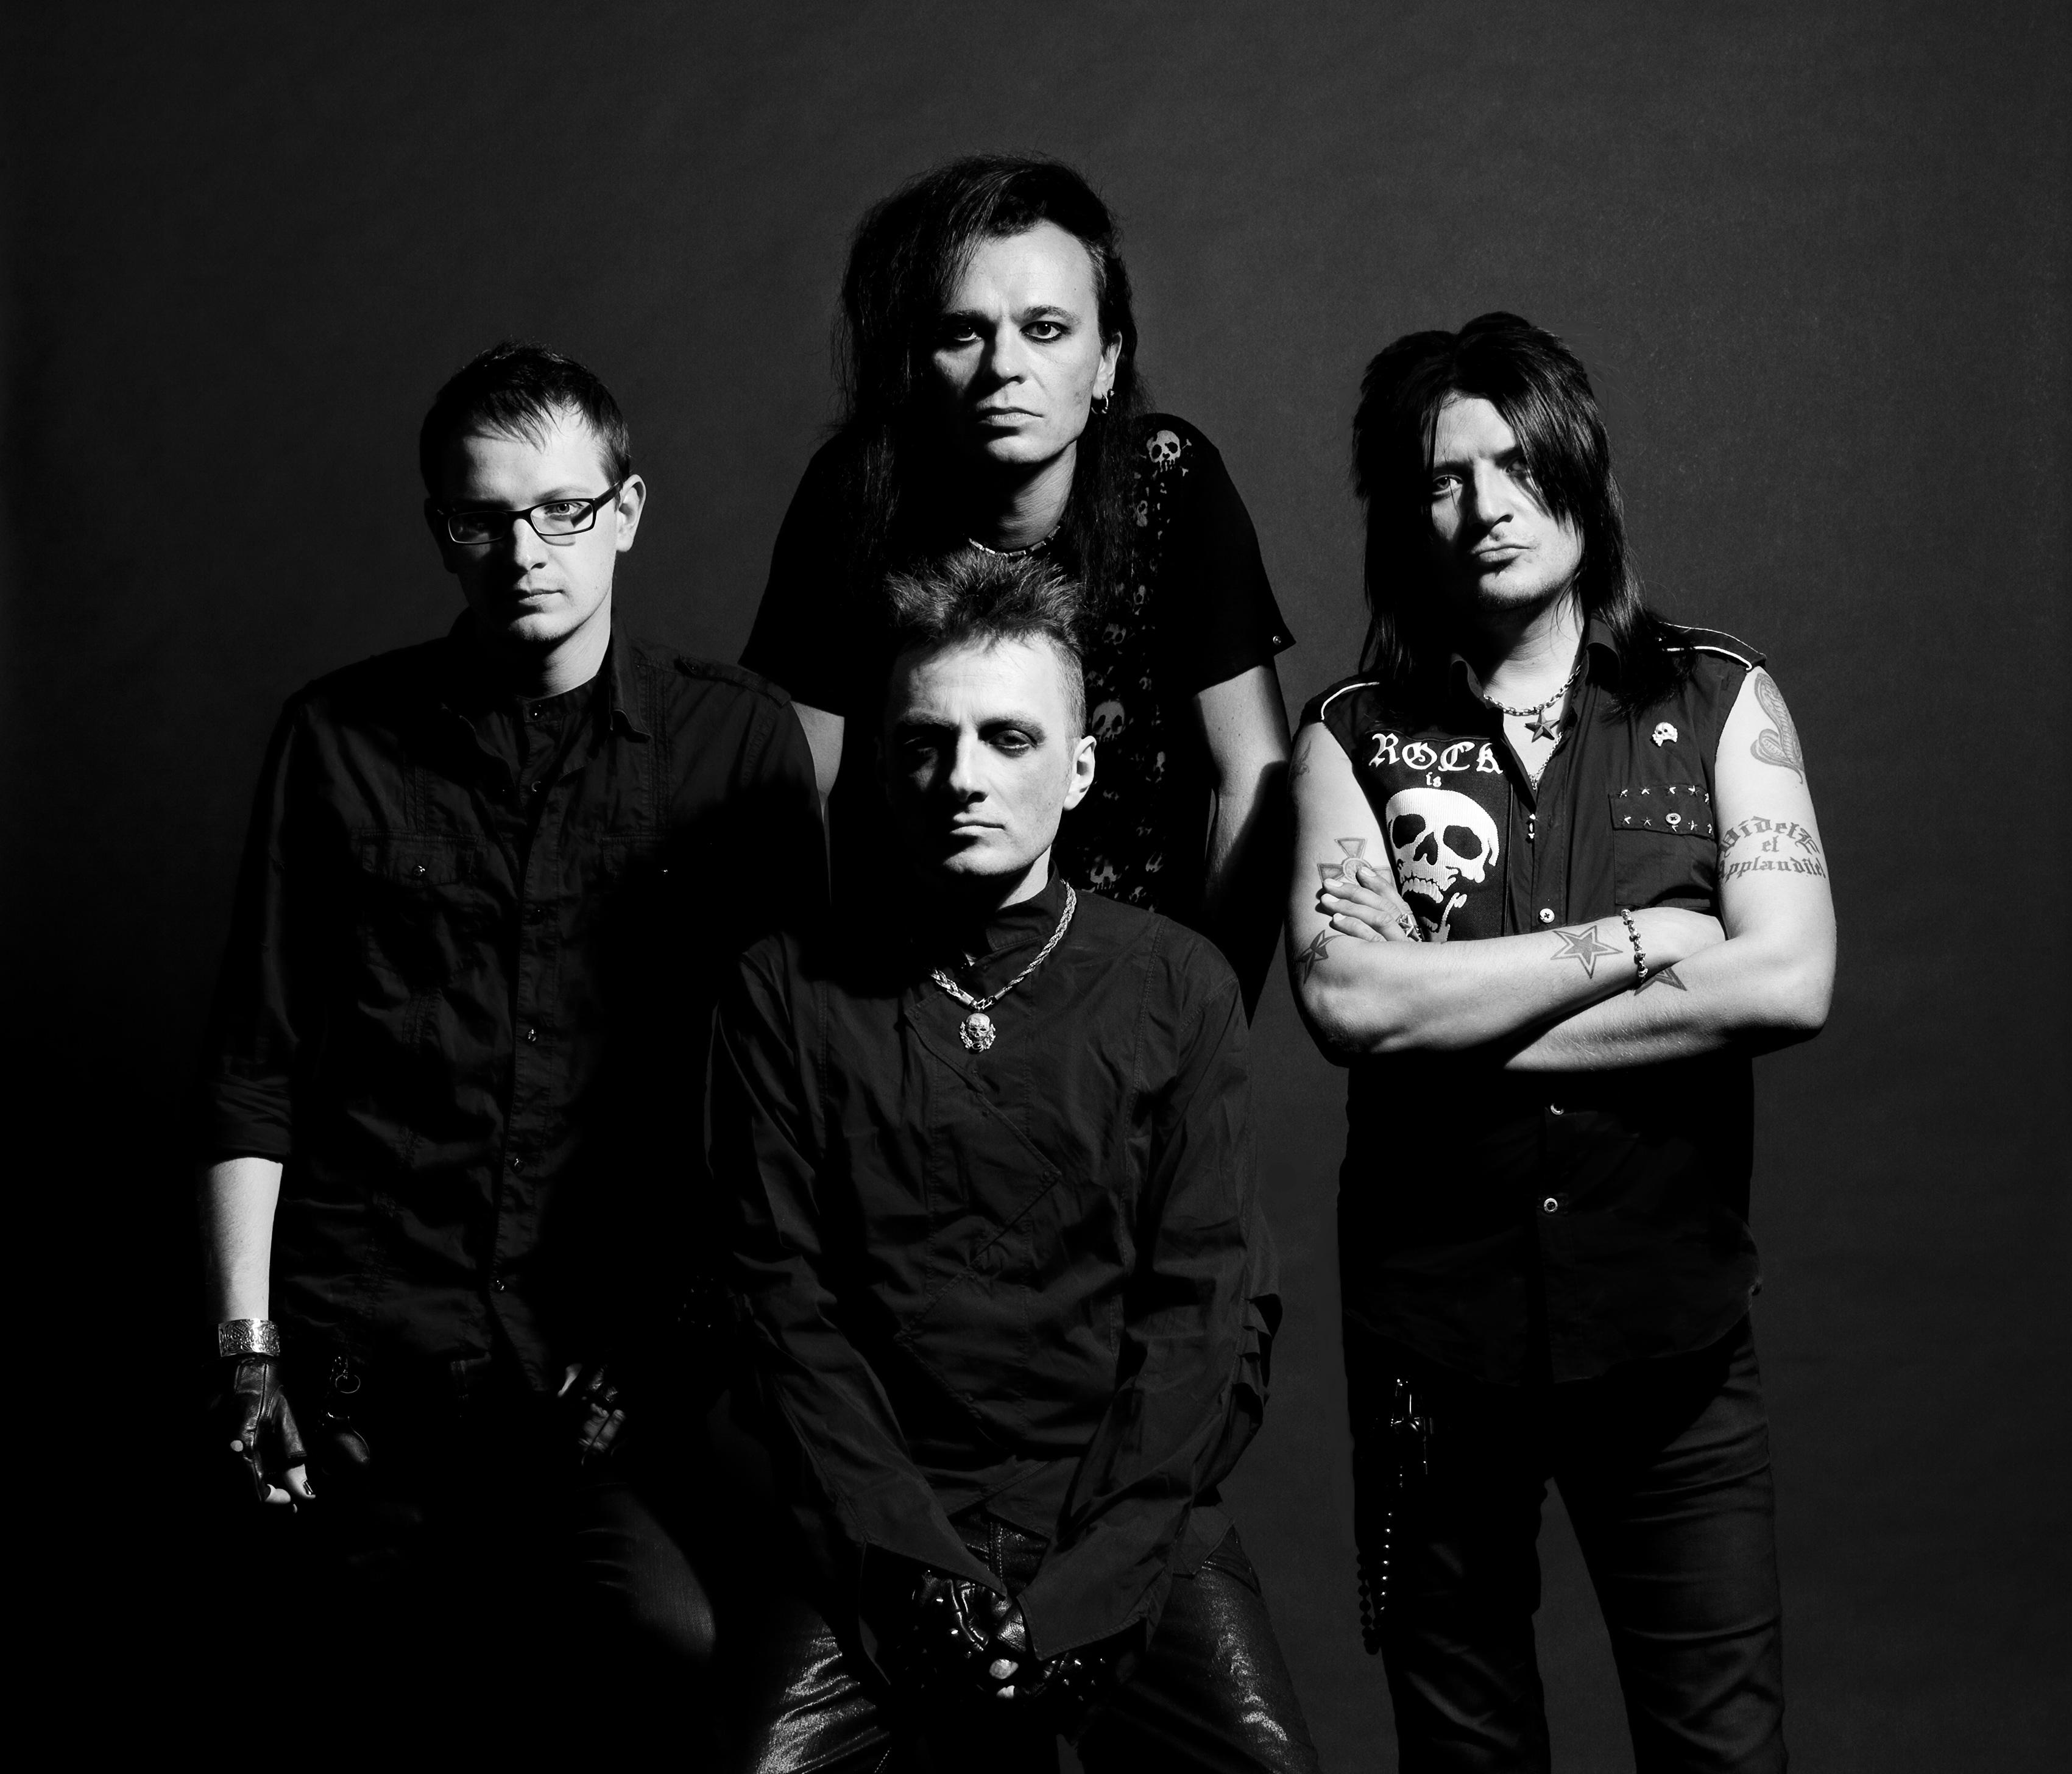 Агата кристи рок группа биография фото